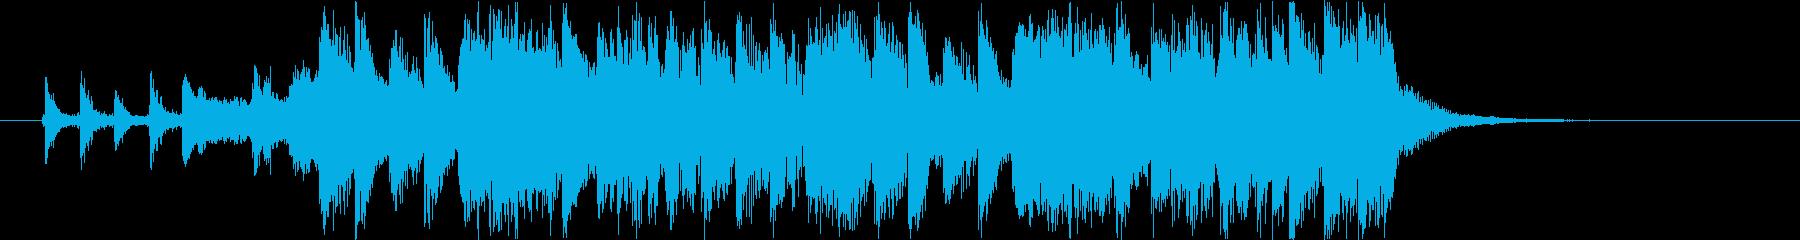 ホラーと魔法のキラキラなジングル J10の再生済みの波形